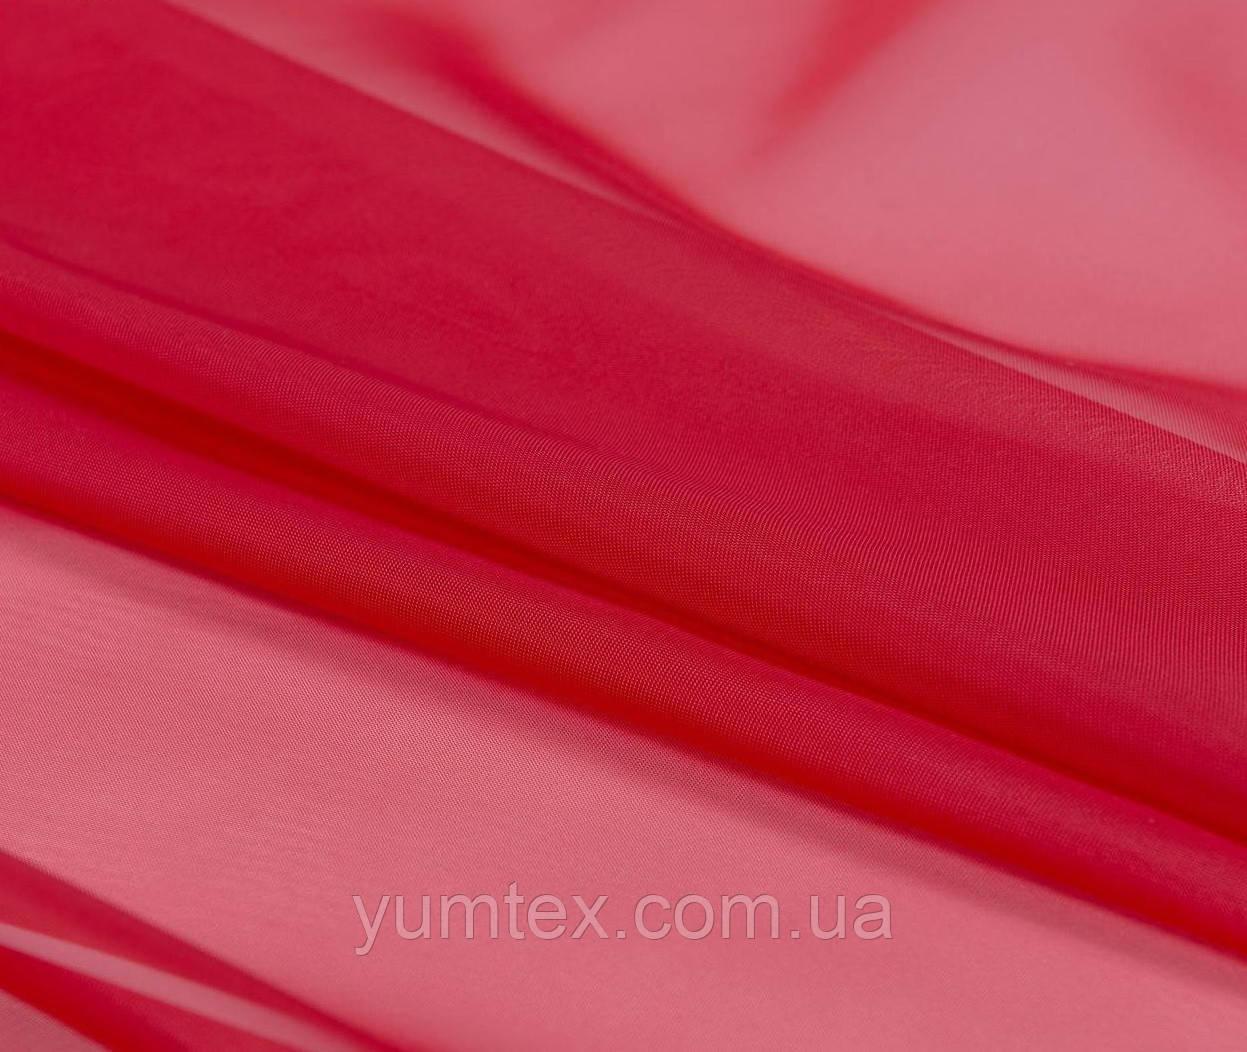 Тюль вуаль (шифон), цвет красный